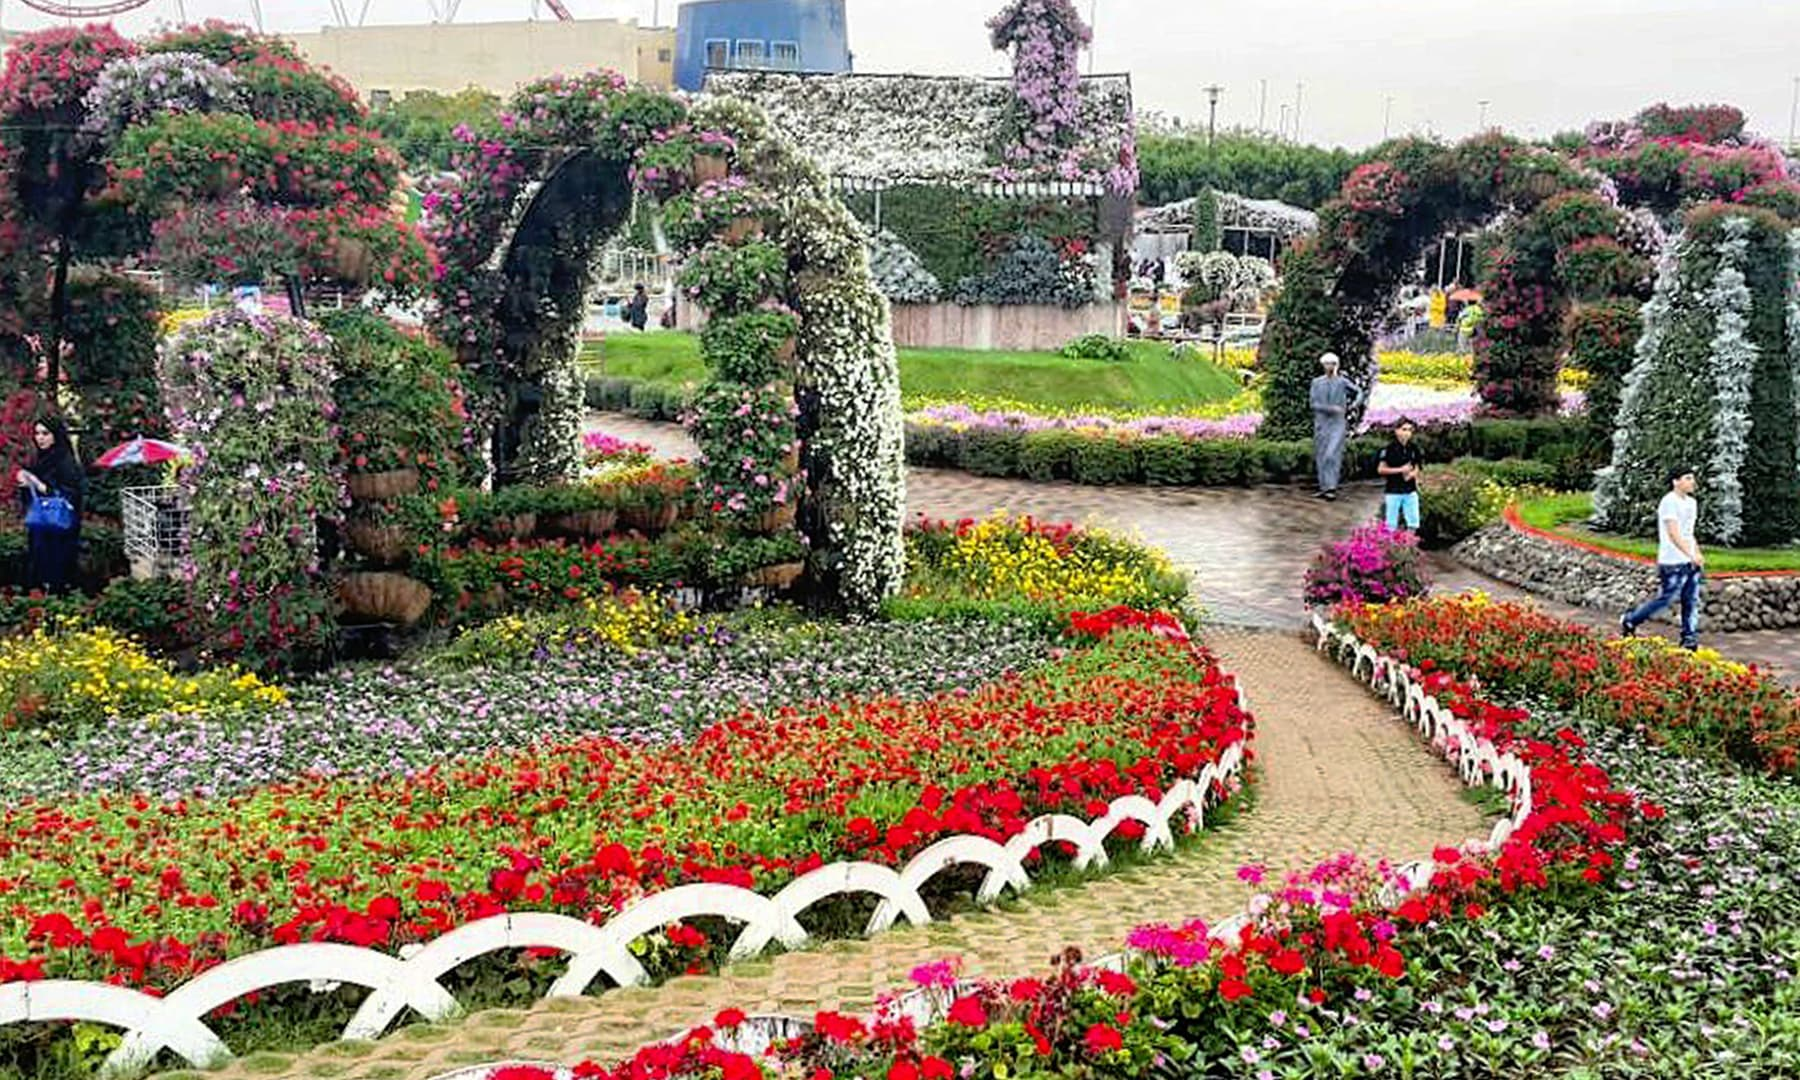 معجزہ باغ دبئی — تصویر صوفیہ کاشف